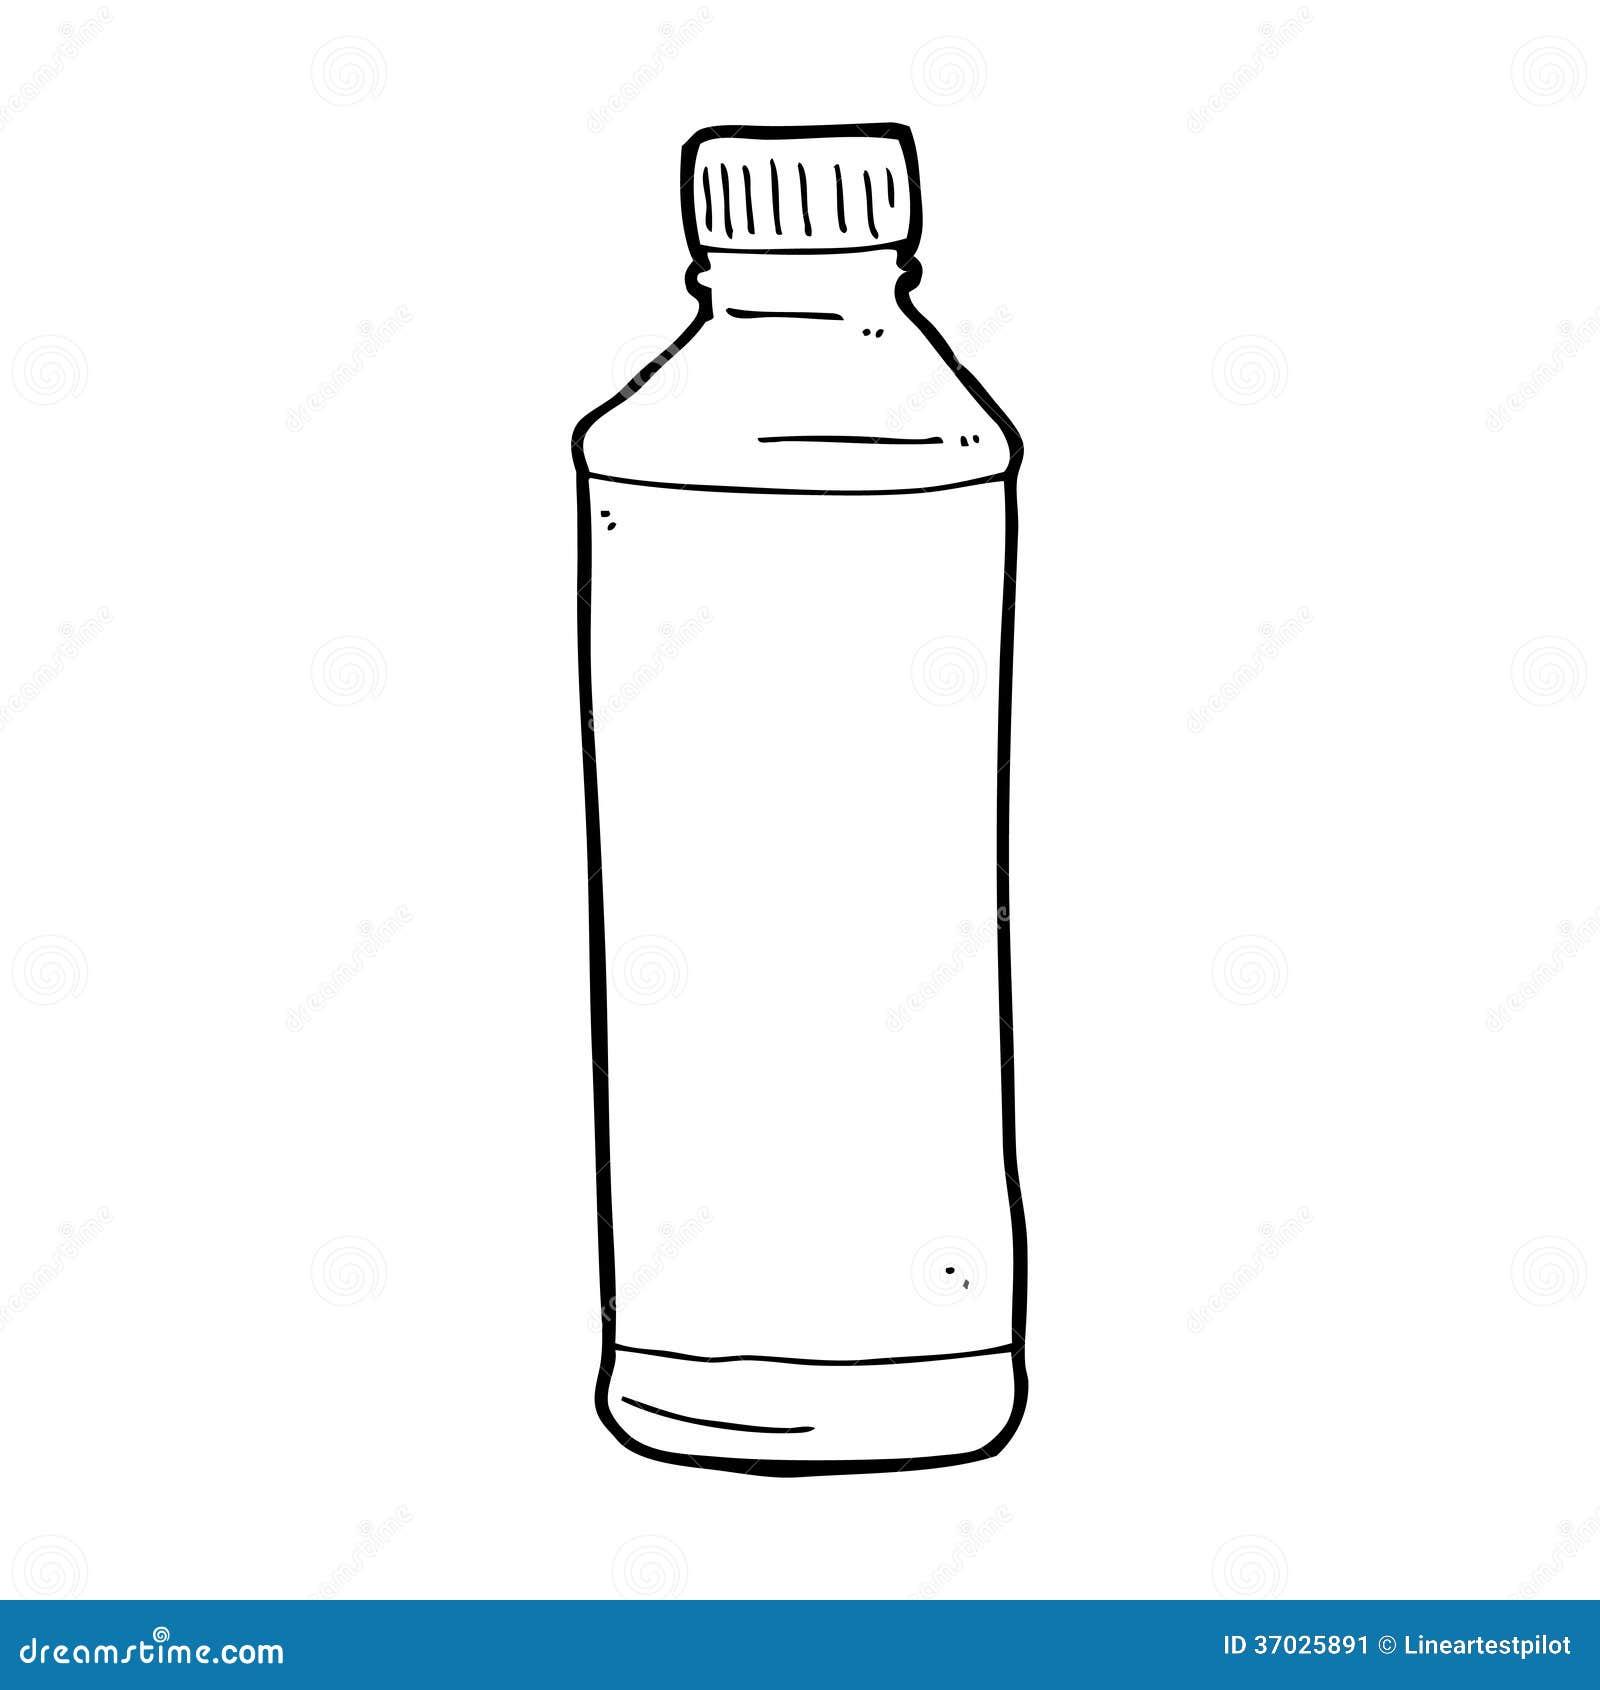 Cartoon Water Bottle Stock Illustration Illustration Of Hand 37025891